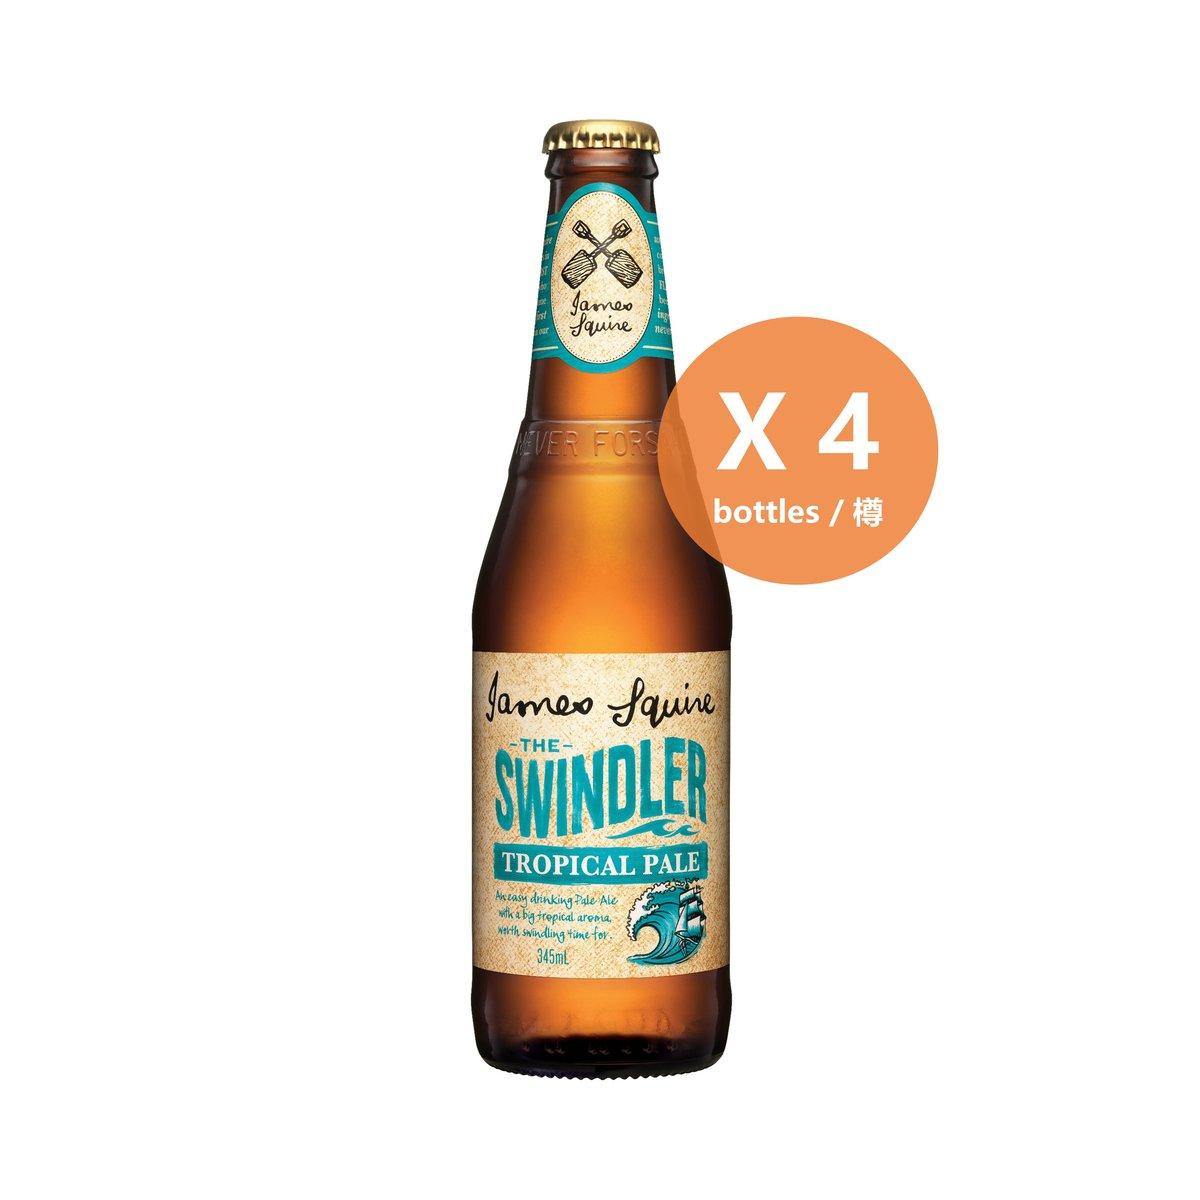 The Swindler 熱帶風淡愛爾啤酒 - 345毫升 x 4樽裝